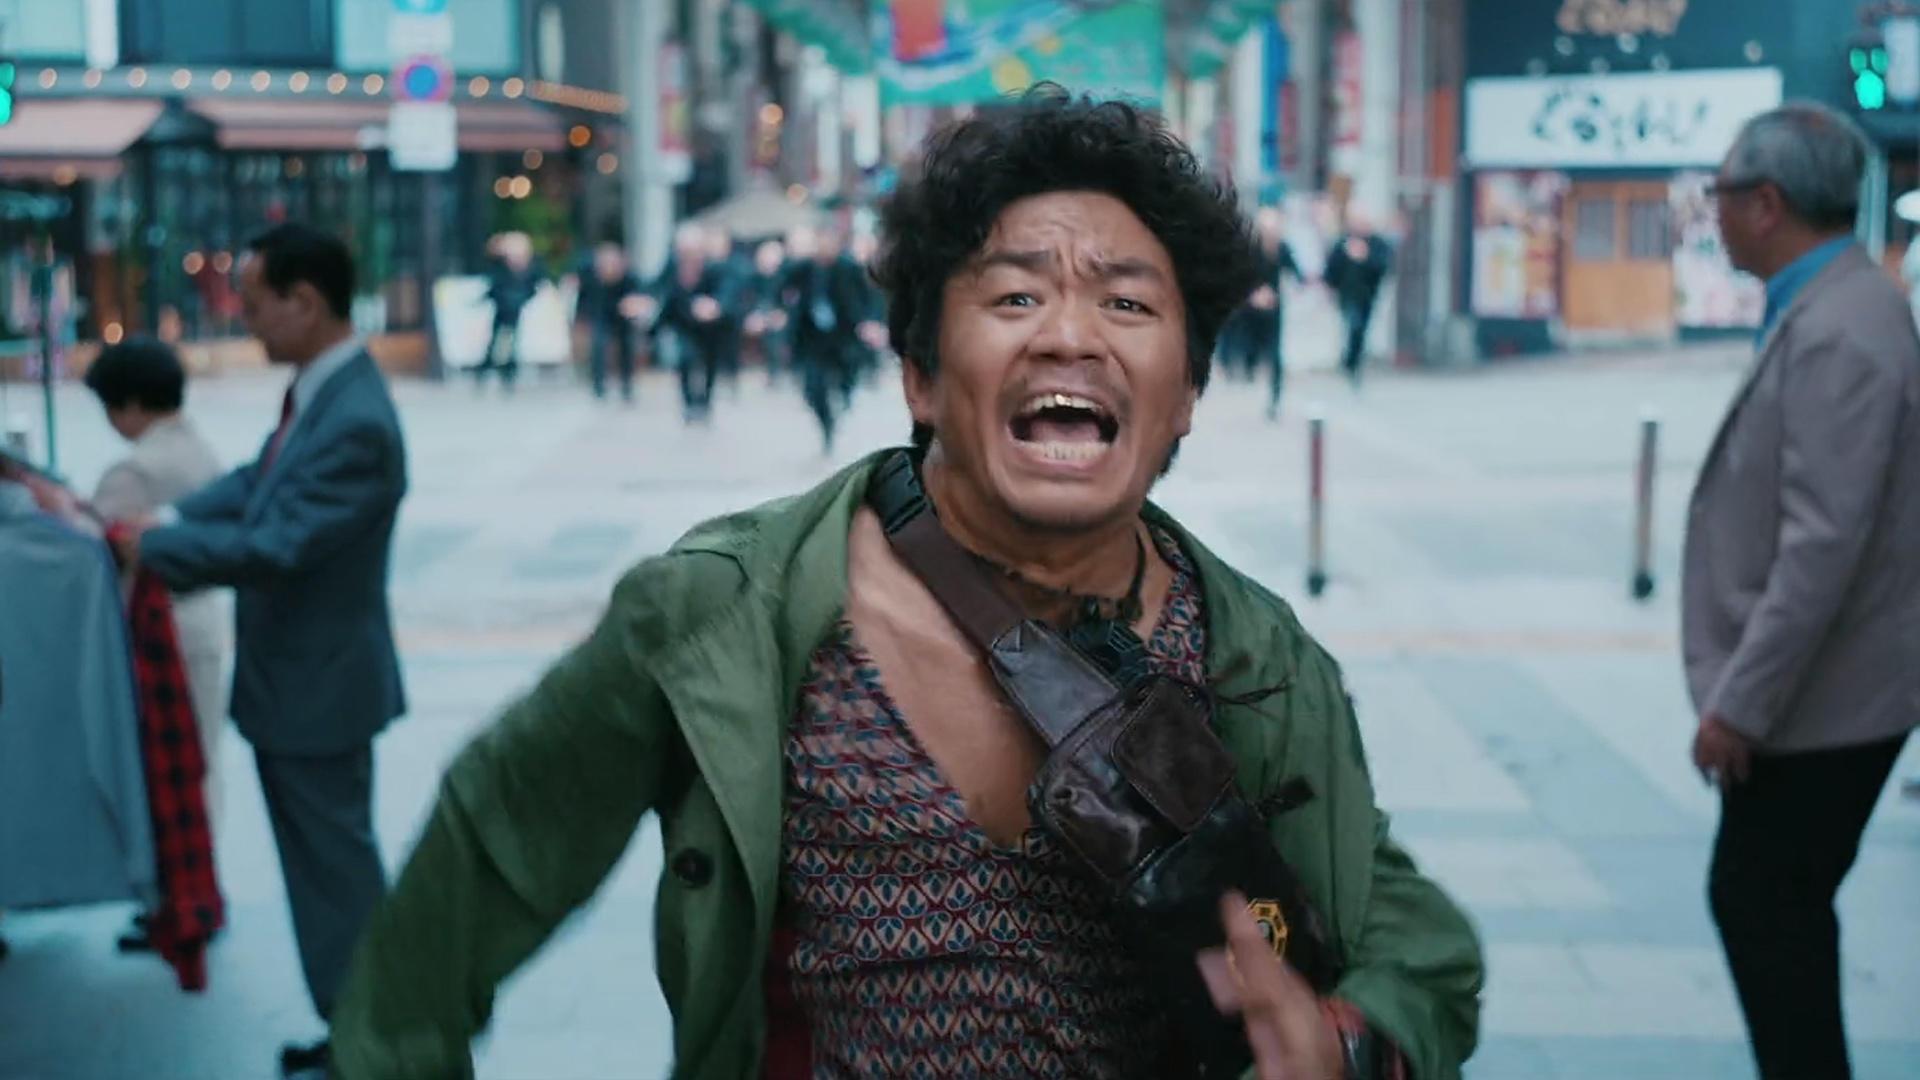 #电影迷的修养#《唐人街探案3》撞上《中国女排》大片齐聚引爆春节档